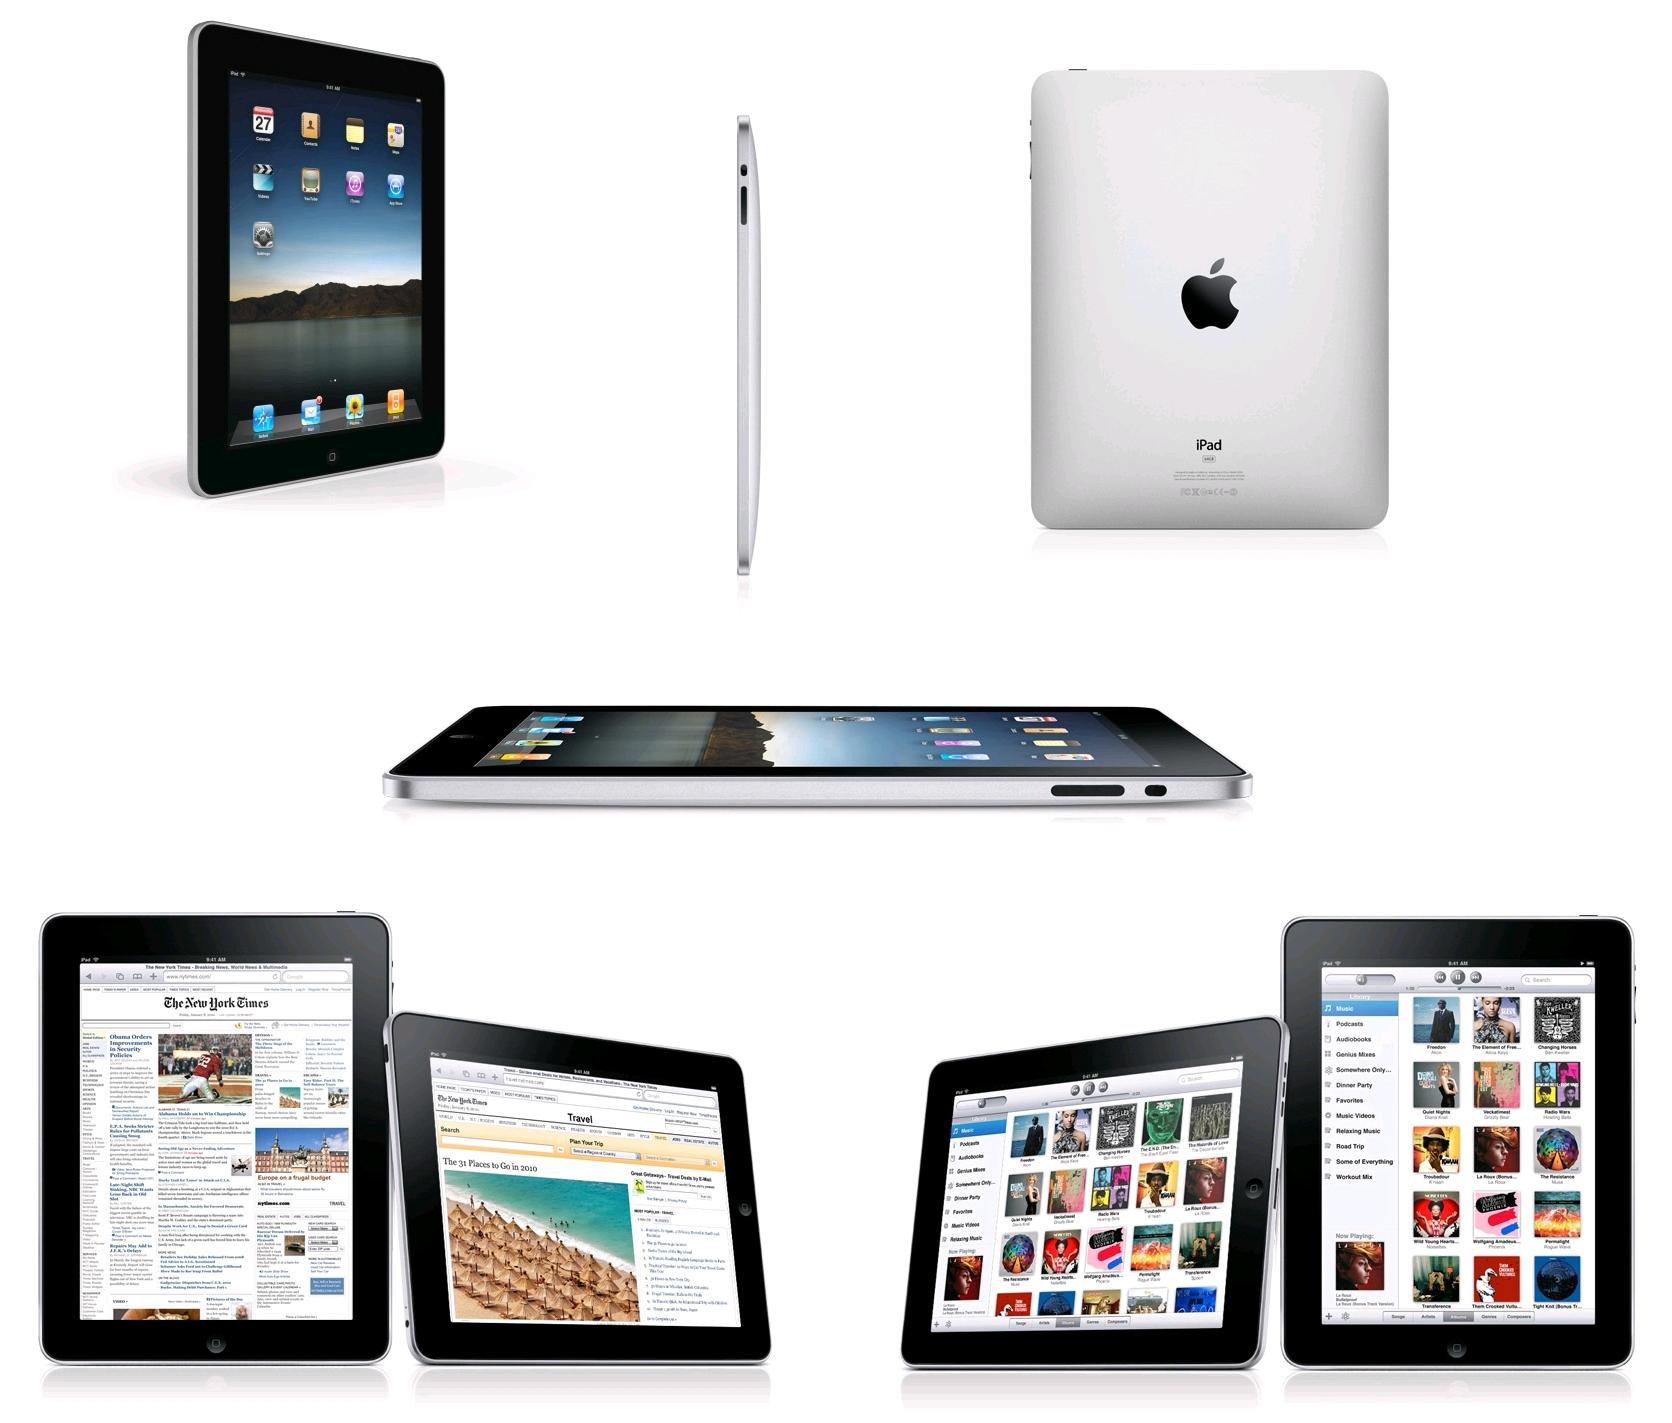 According to Sanford Bernstein Analyst     iPad Will Dominate in the